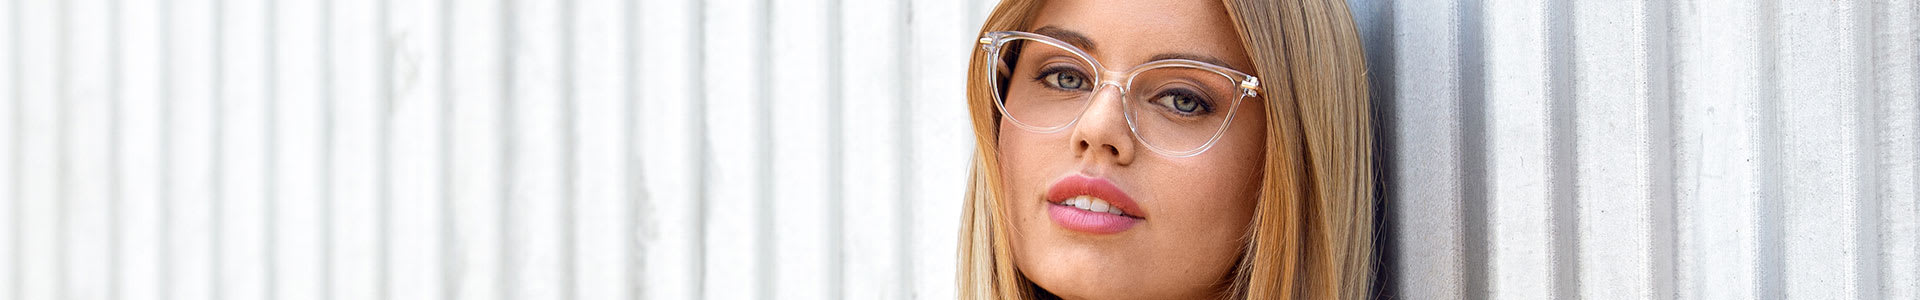 Clear Frames for Eyeglasses & Sunglasses